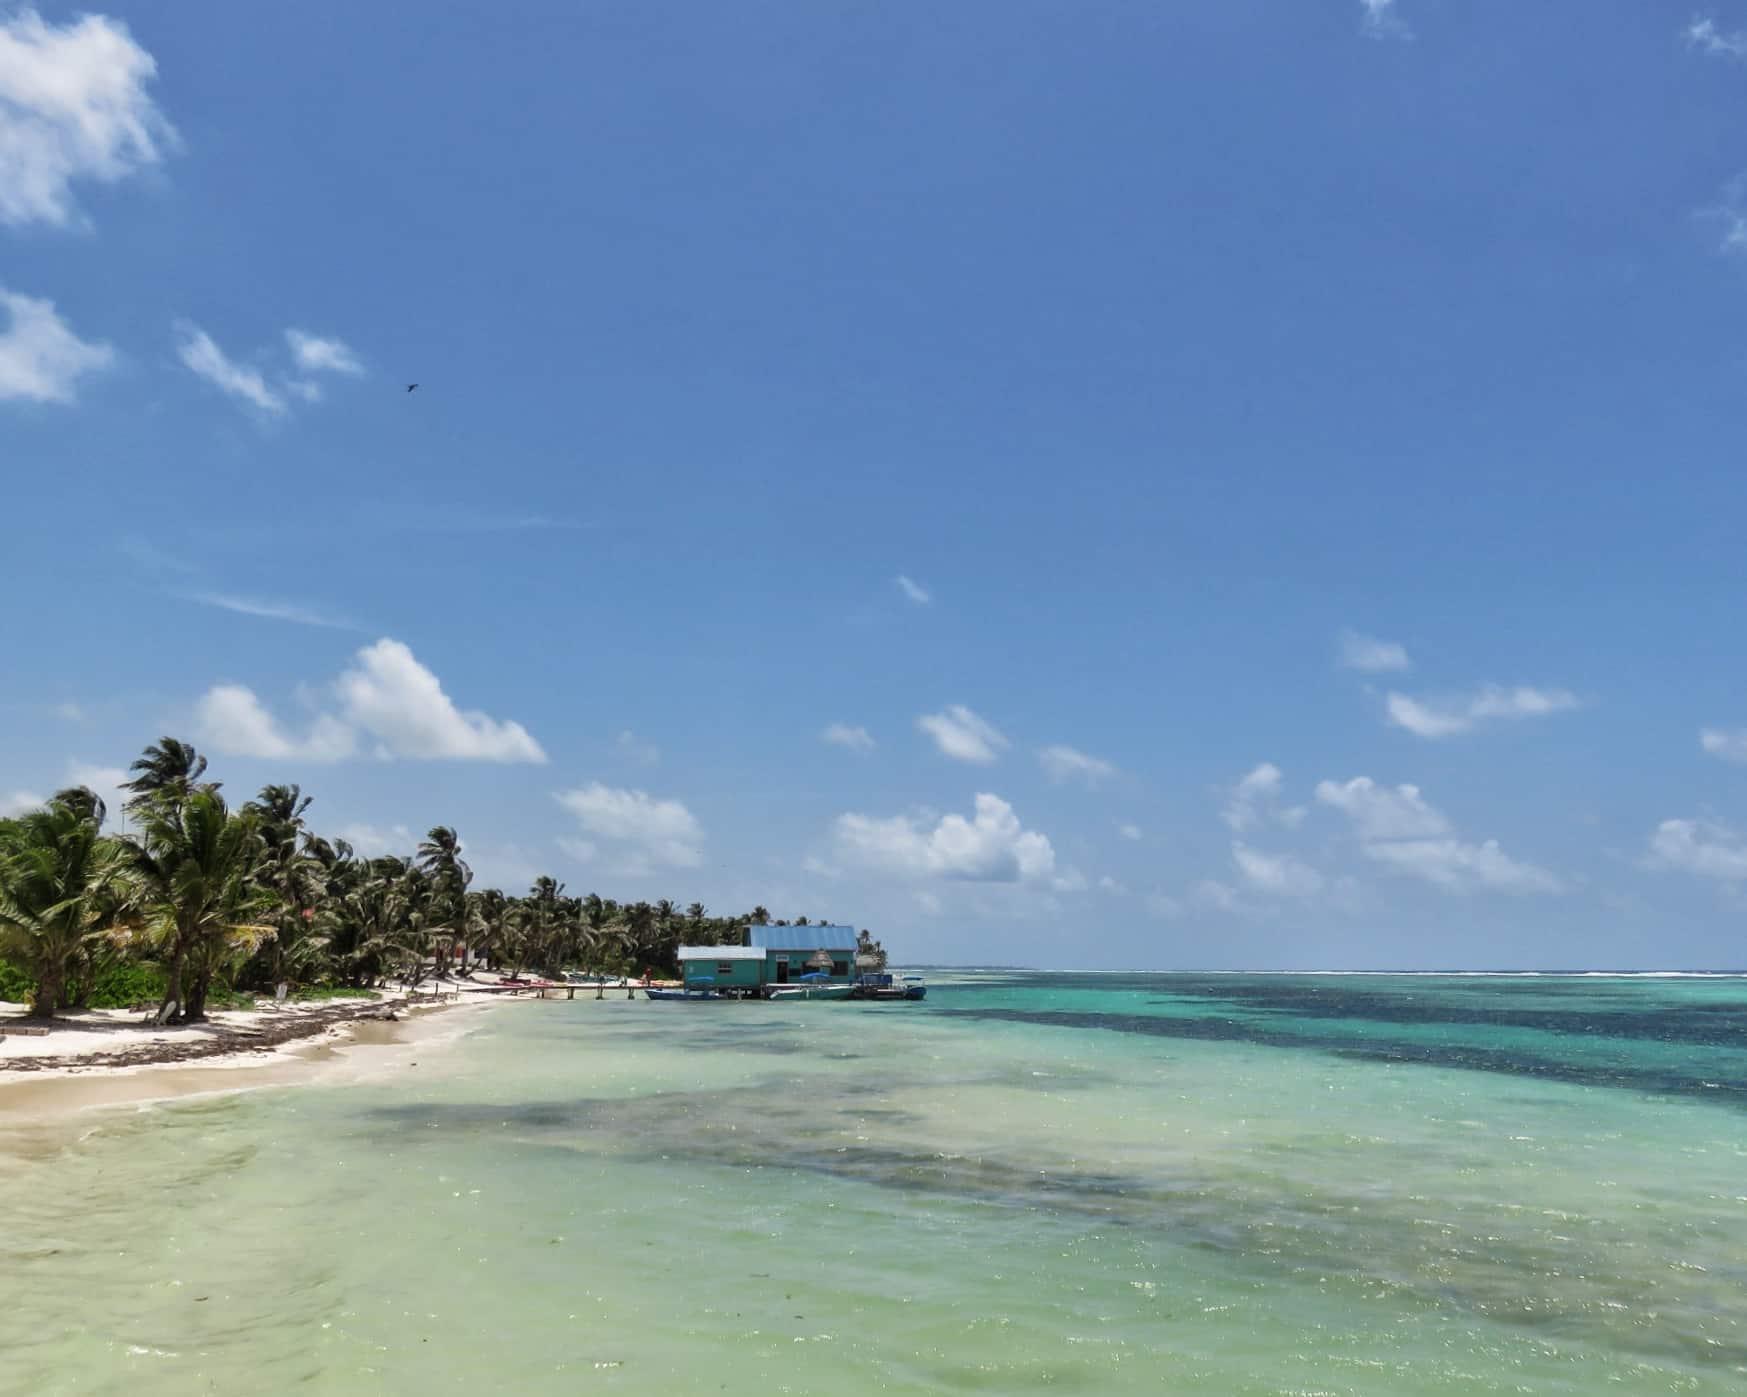 BelizeKids (3)